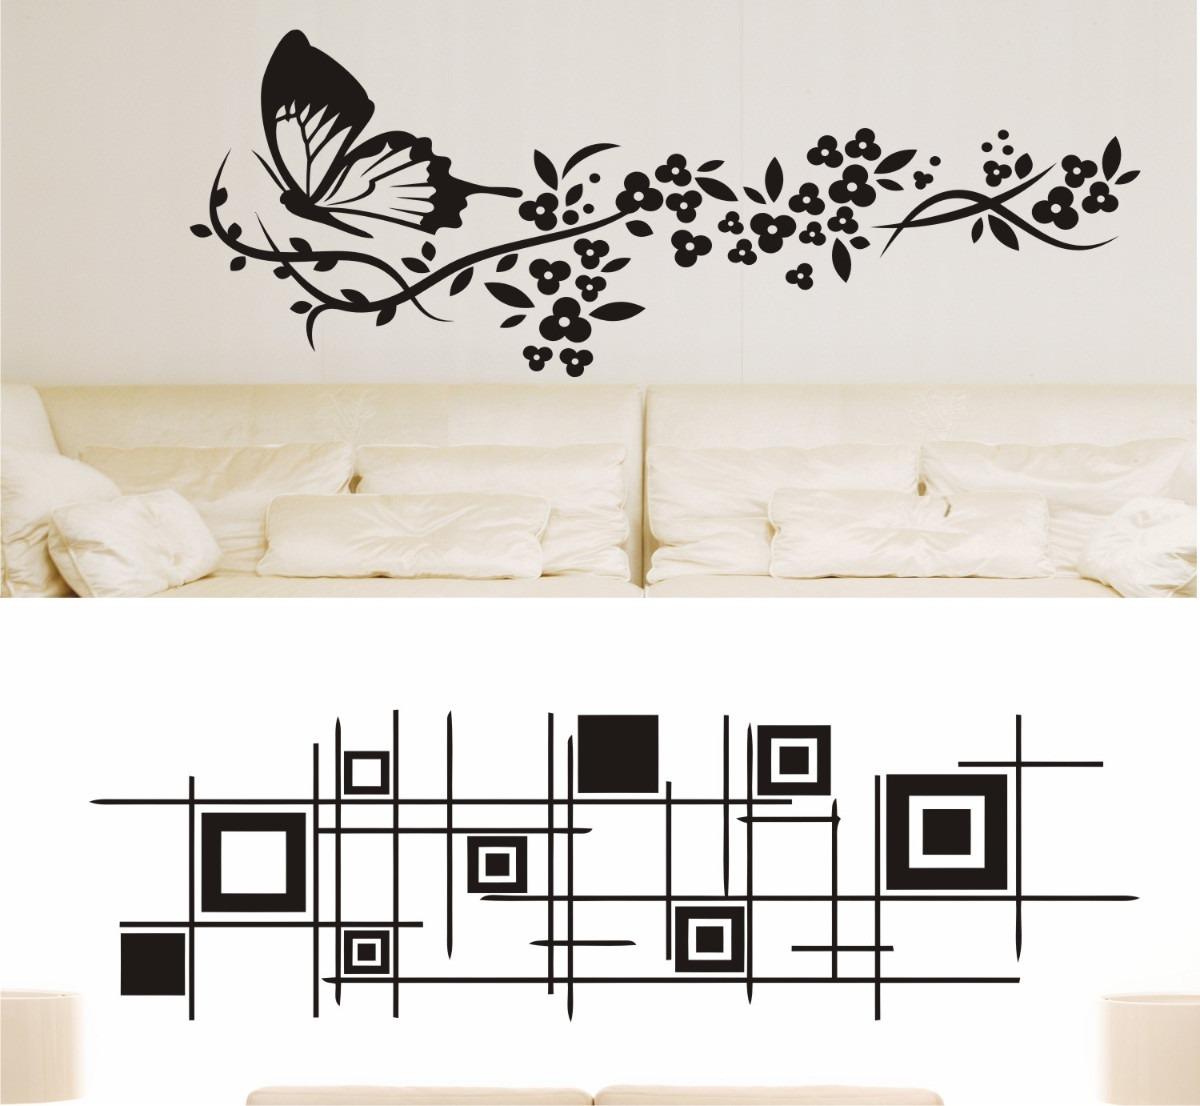 Adesivos decorativos de parede lindos modelos frete gr tis - Frisos decorativos para paredes ...